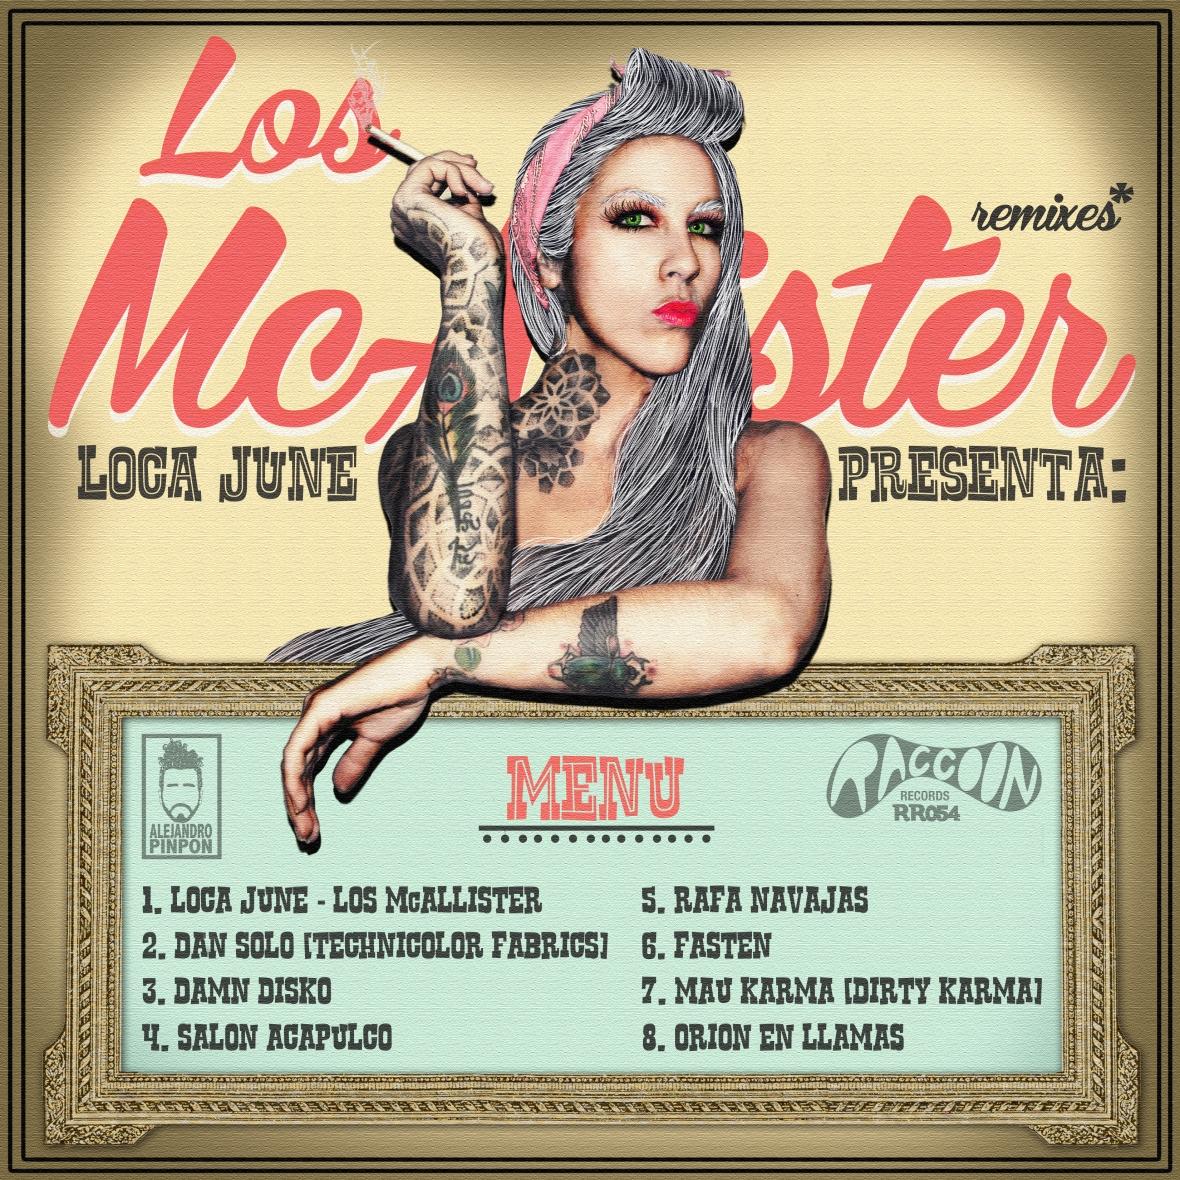 EP remixes - Los McAllister LOCA JUNE 6 oct 2012